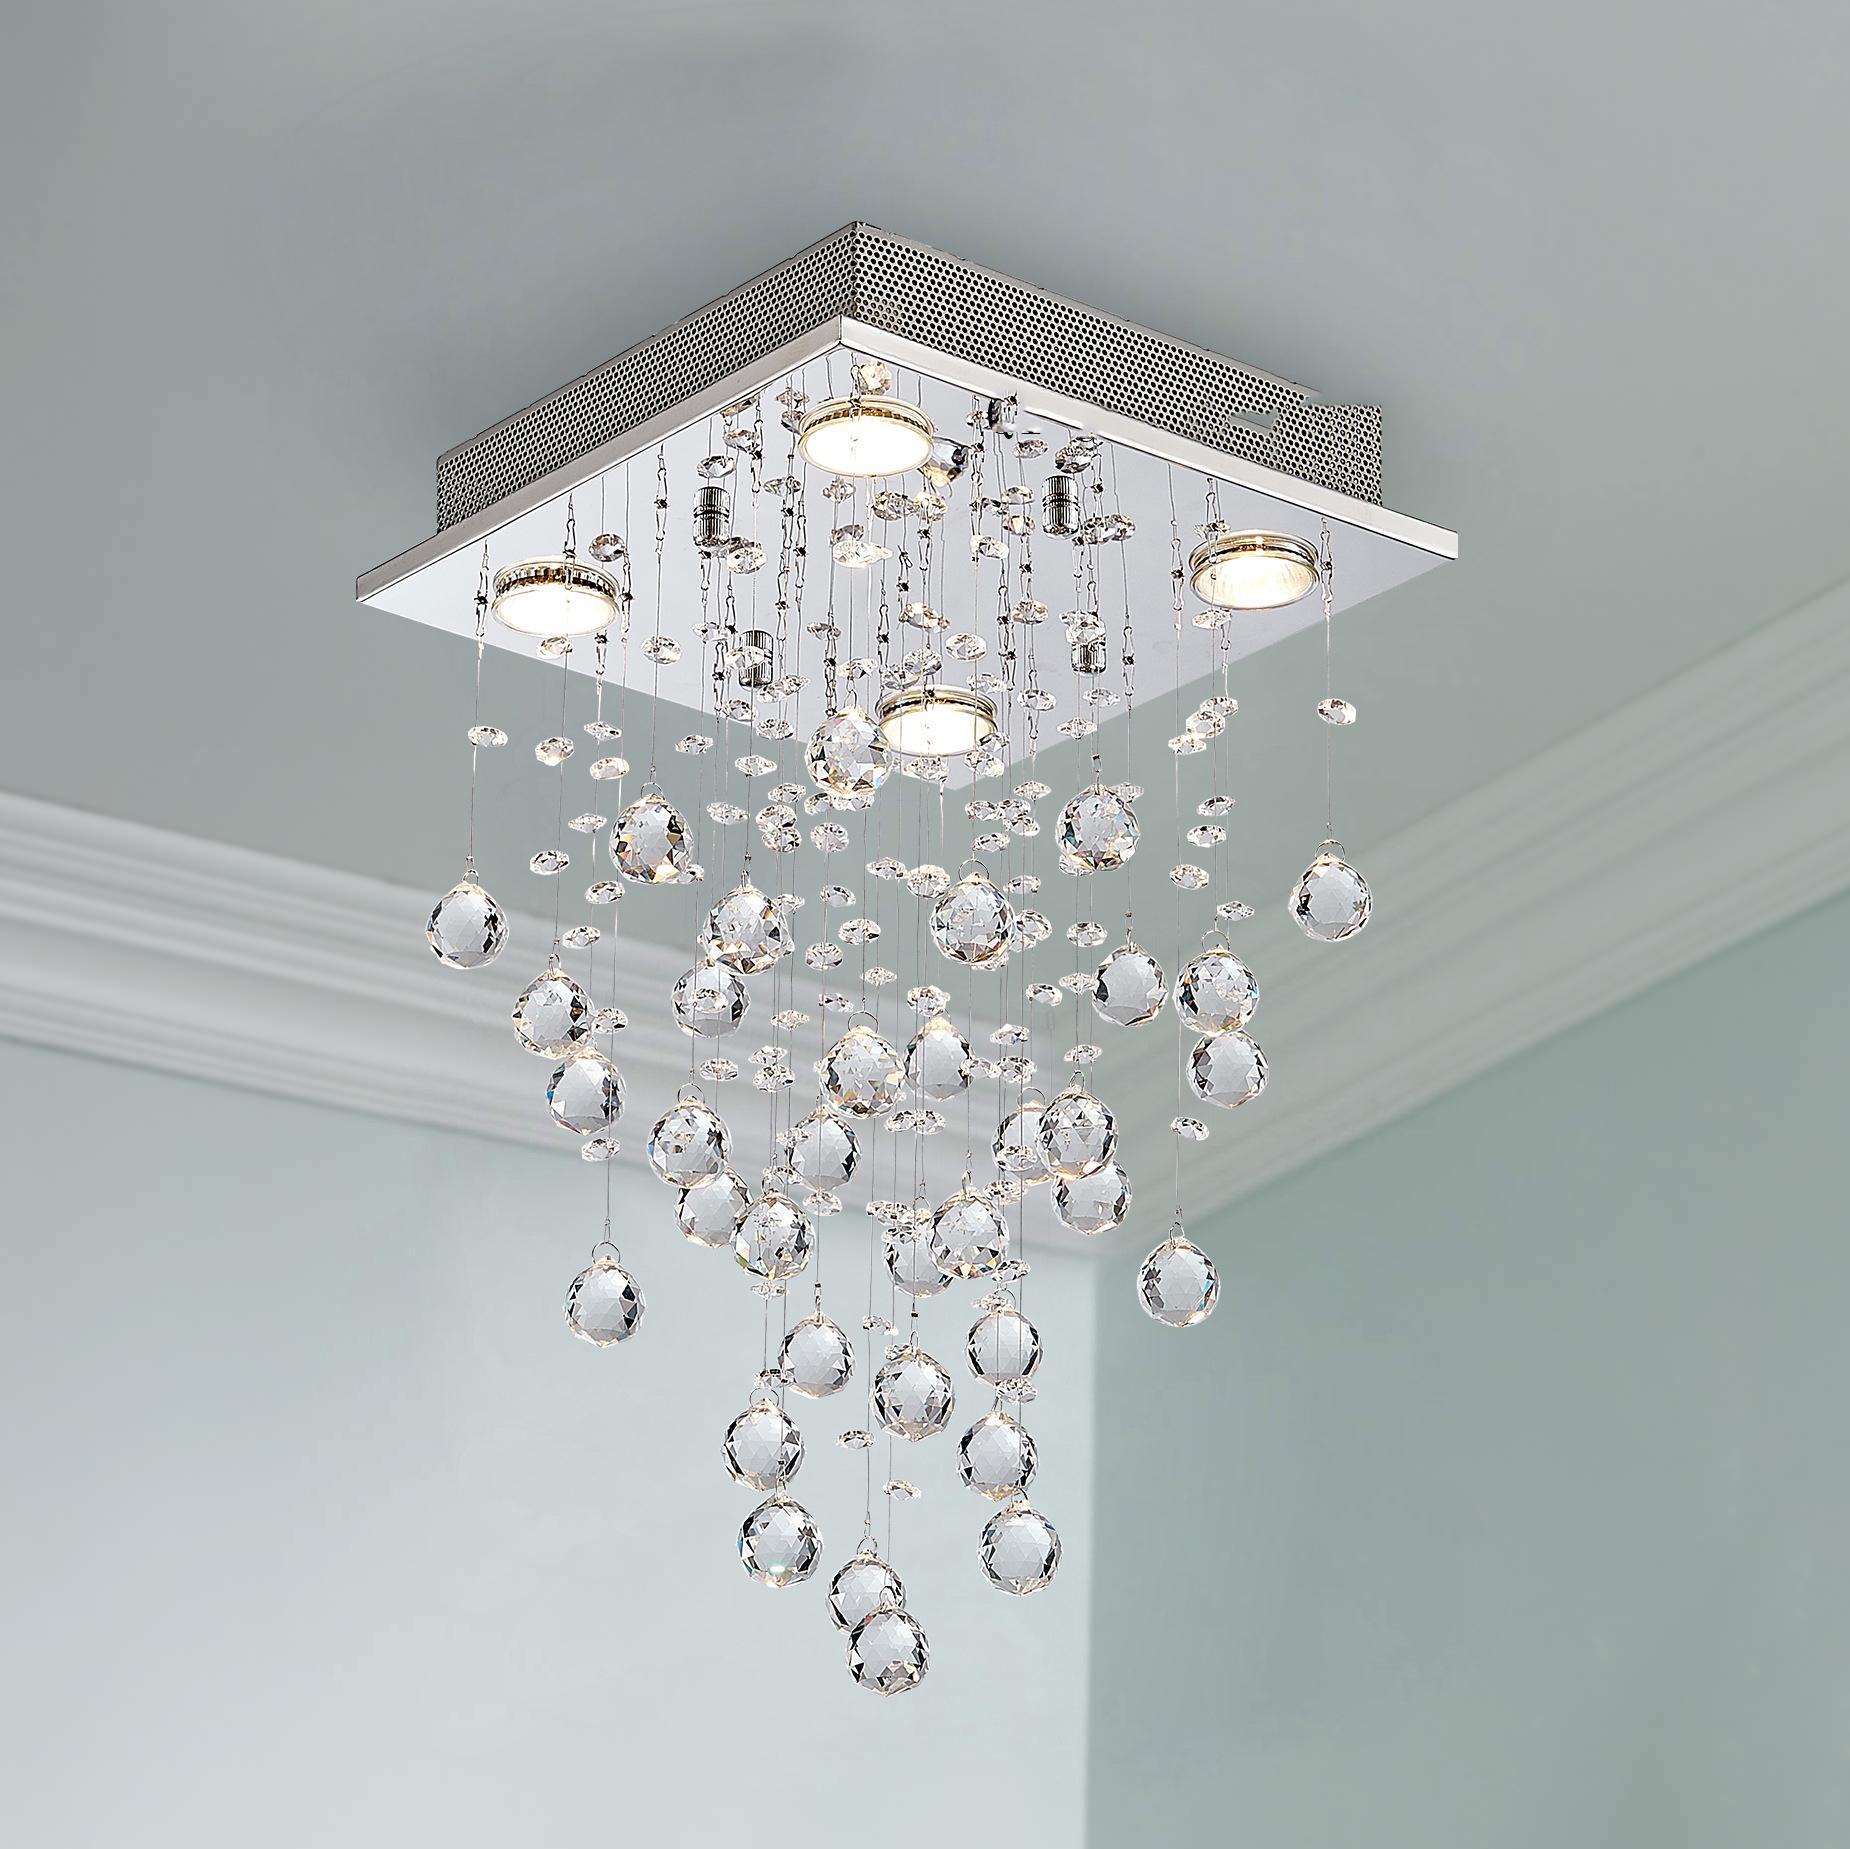 간단한 주도 크리스탈 샹들리에 침실 쇼룸 장식 크리스탈 천장 거실 천장 램프 LED가 수출 펜던트 램프 램프